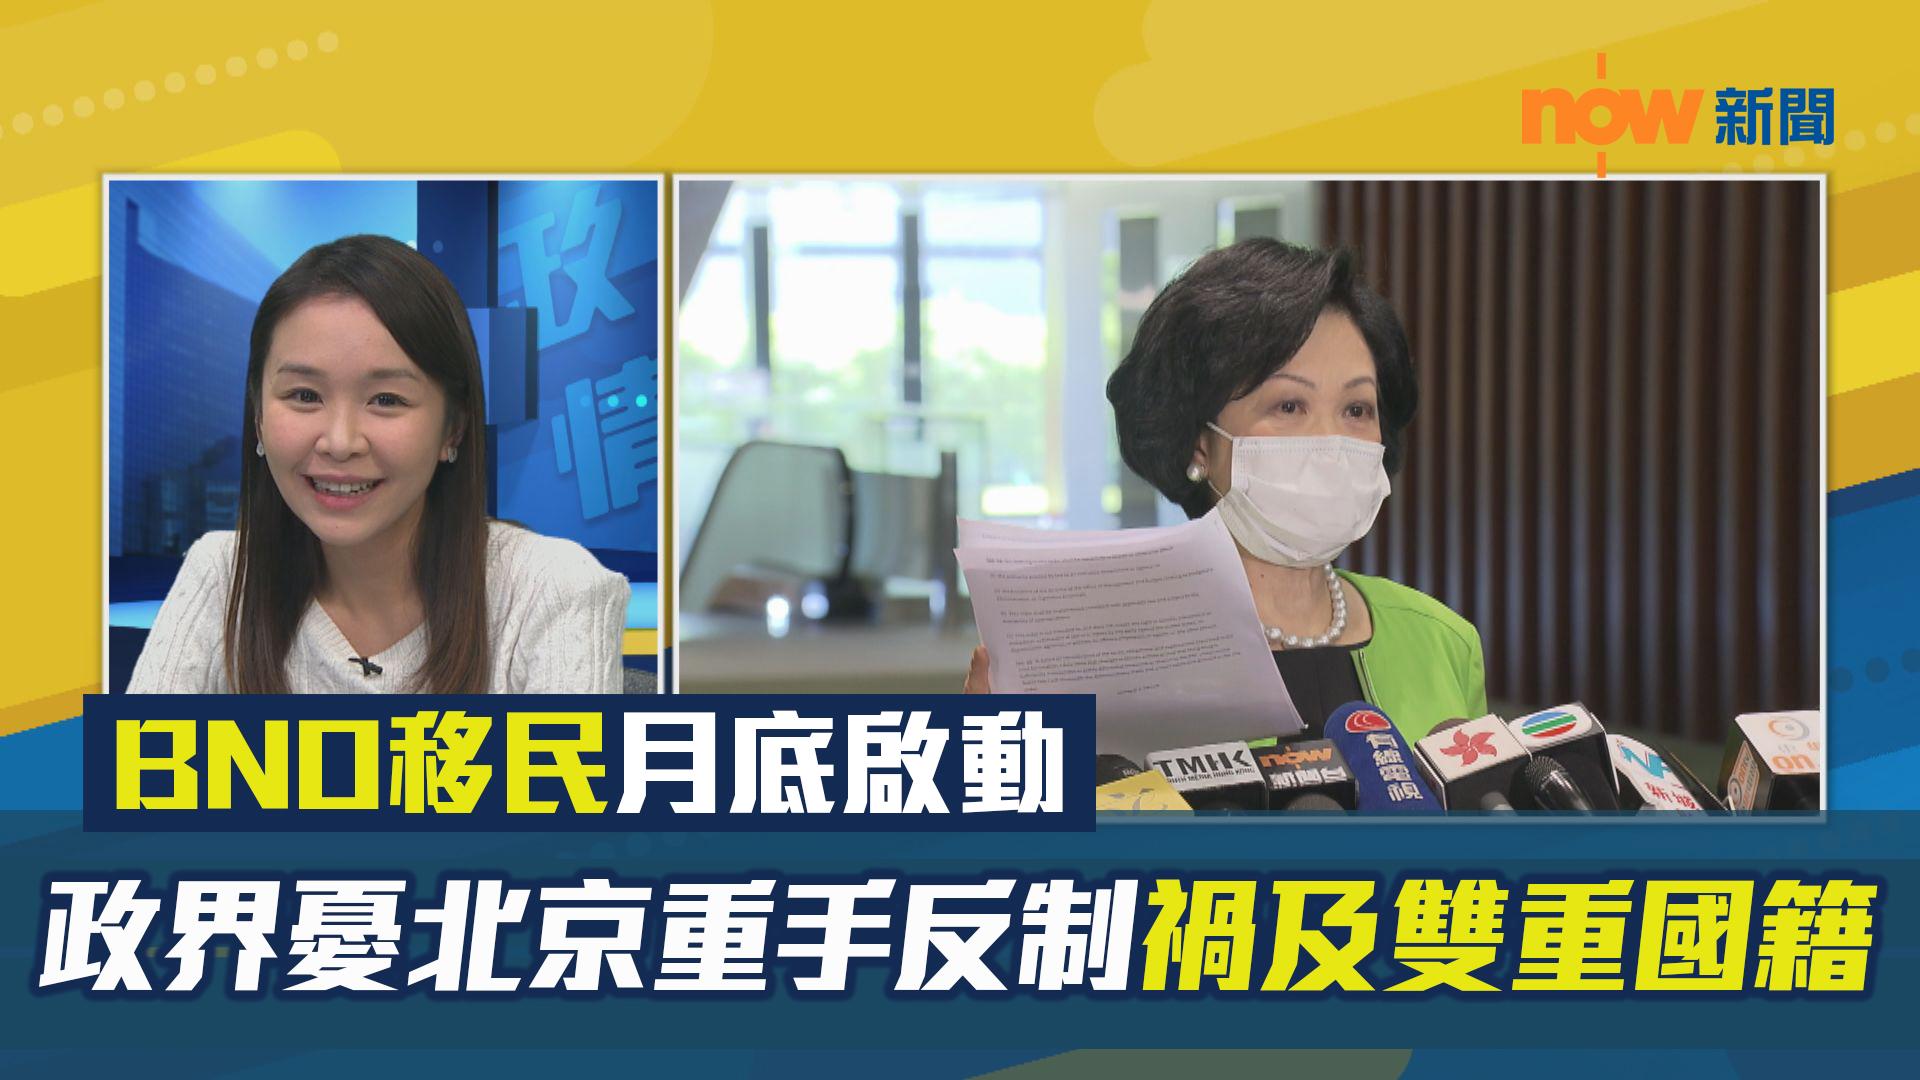 【政情】BNO移民月底啟動 政界憂北京重手反制禍及雙重國籍